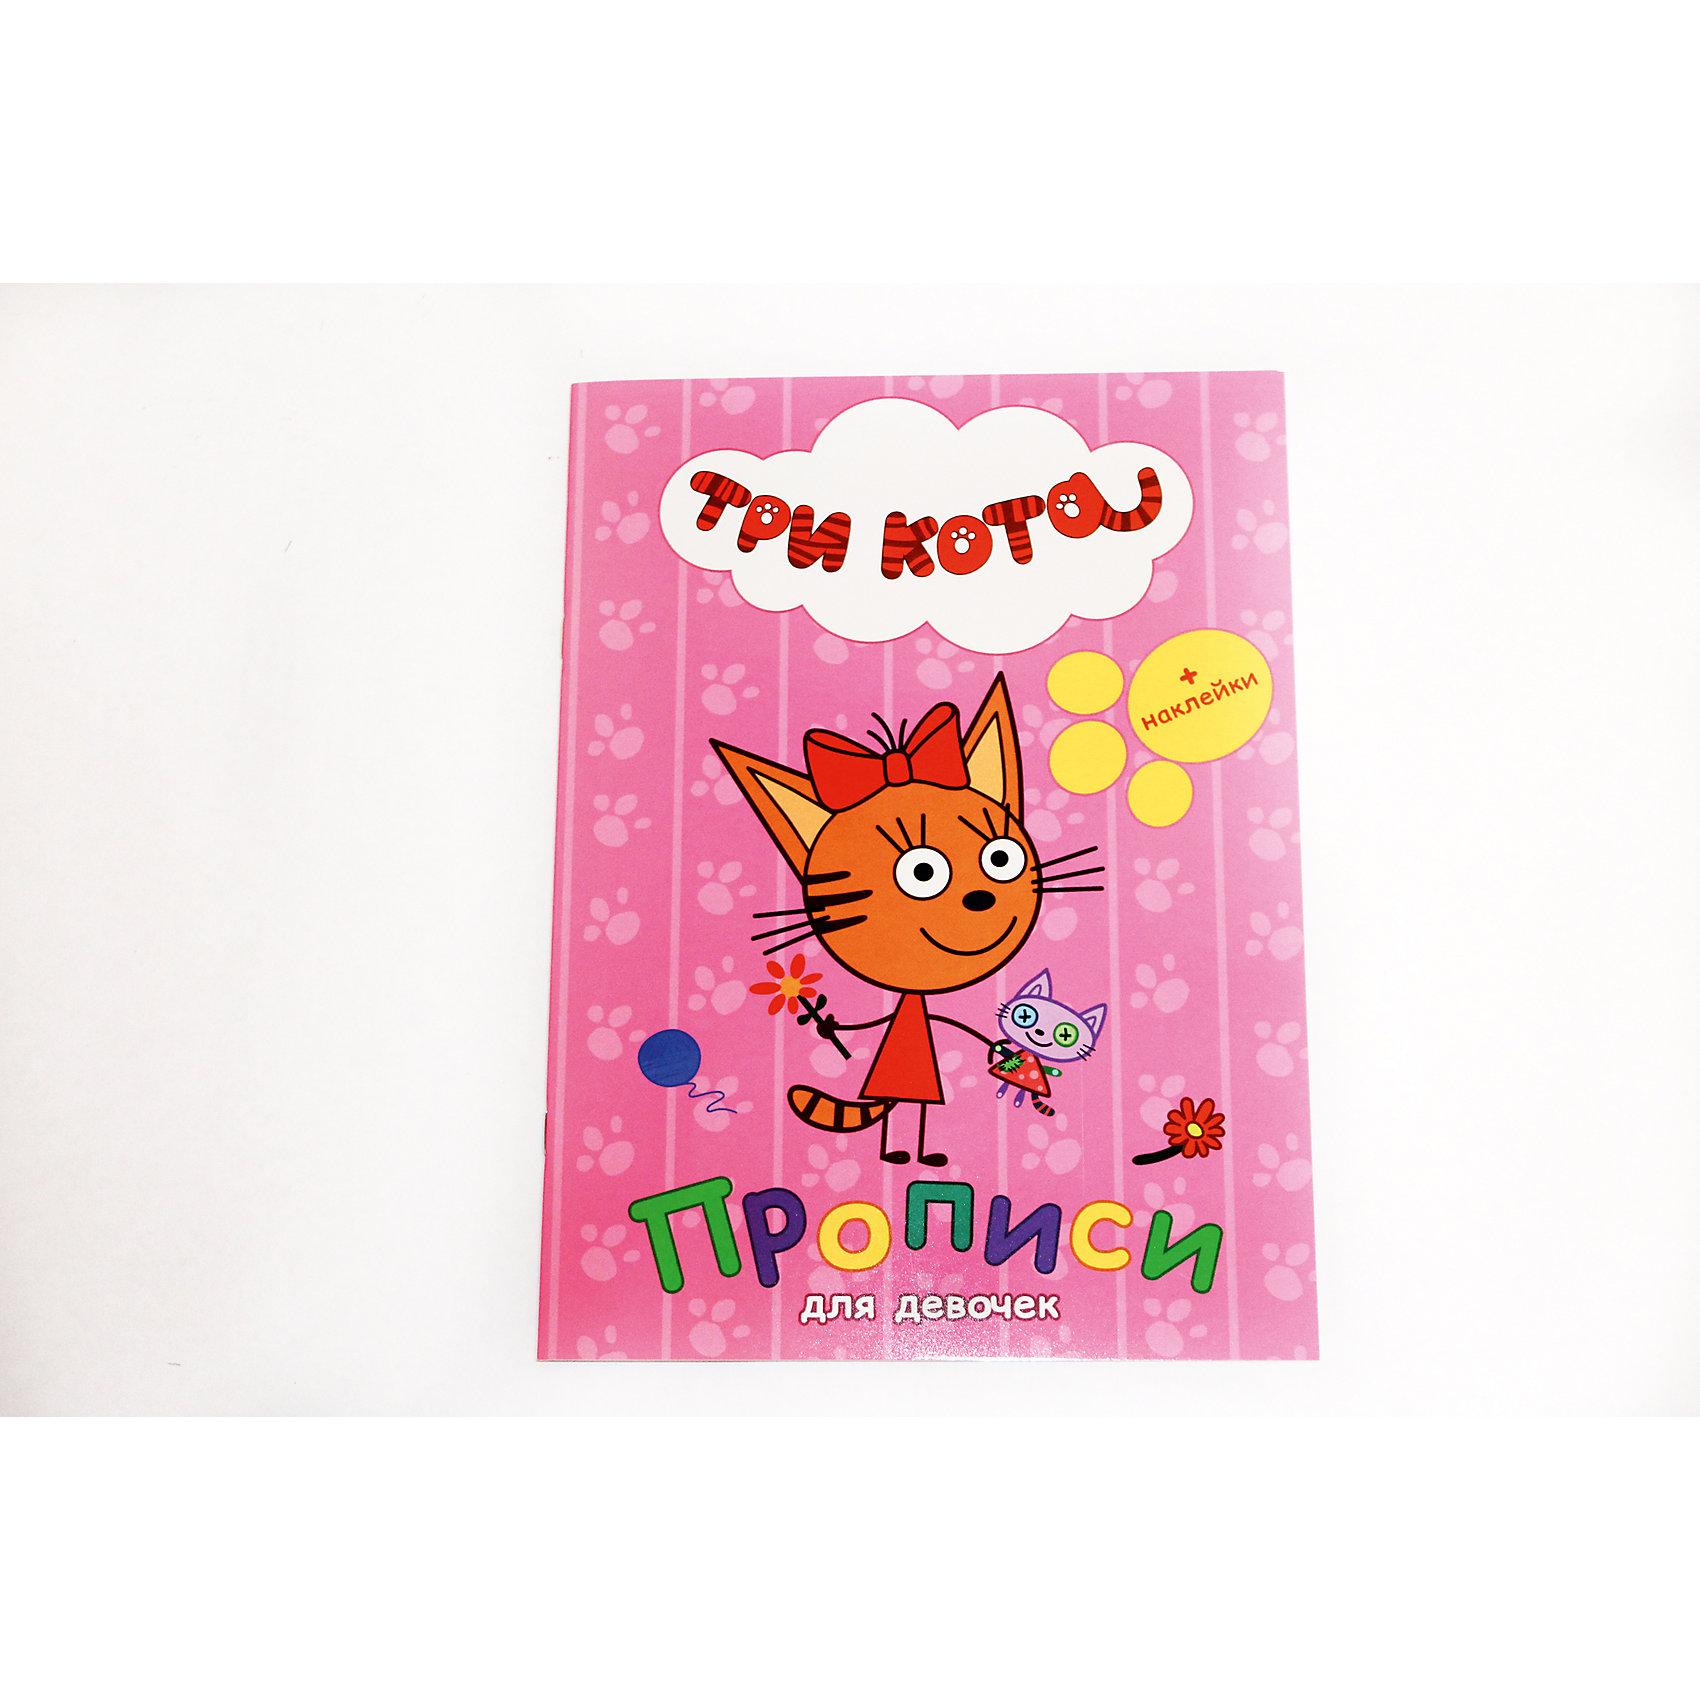 Прописи с наклейками  для девочек, Три КотаНовая серия прописей Три кота поможет малышам подготовить руку к письму и научиться писать буквы и цифры. А весёлая раскраска и яркие наклейки с героями любимого мультфильма сделают процесс обучения лёгким и увлекательным.<br><br>Ширина мм: 205<br>Глубина мм: 20<br>Высота мм: 280<br>Вес г: 0<br>Возраст от месяцев: 36<br>Возраст до месяцев: 2147483647<br>Пол: Унисекс<br>Возраст: Детский<br>SKU: 5452290